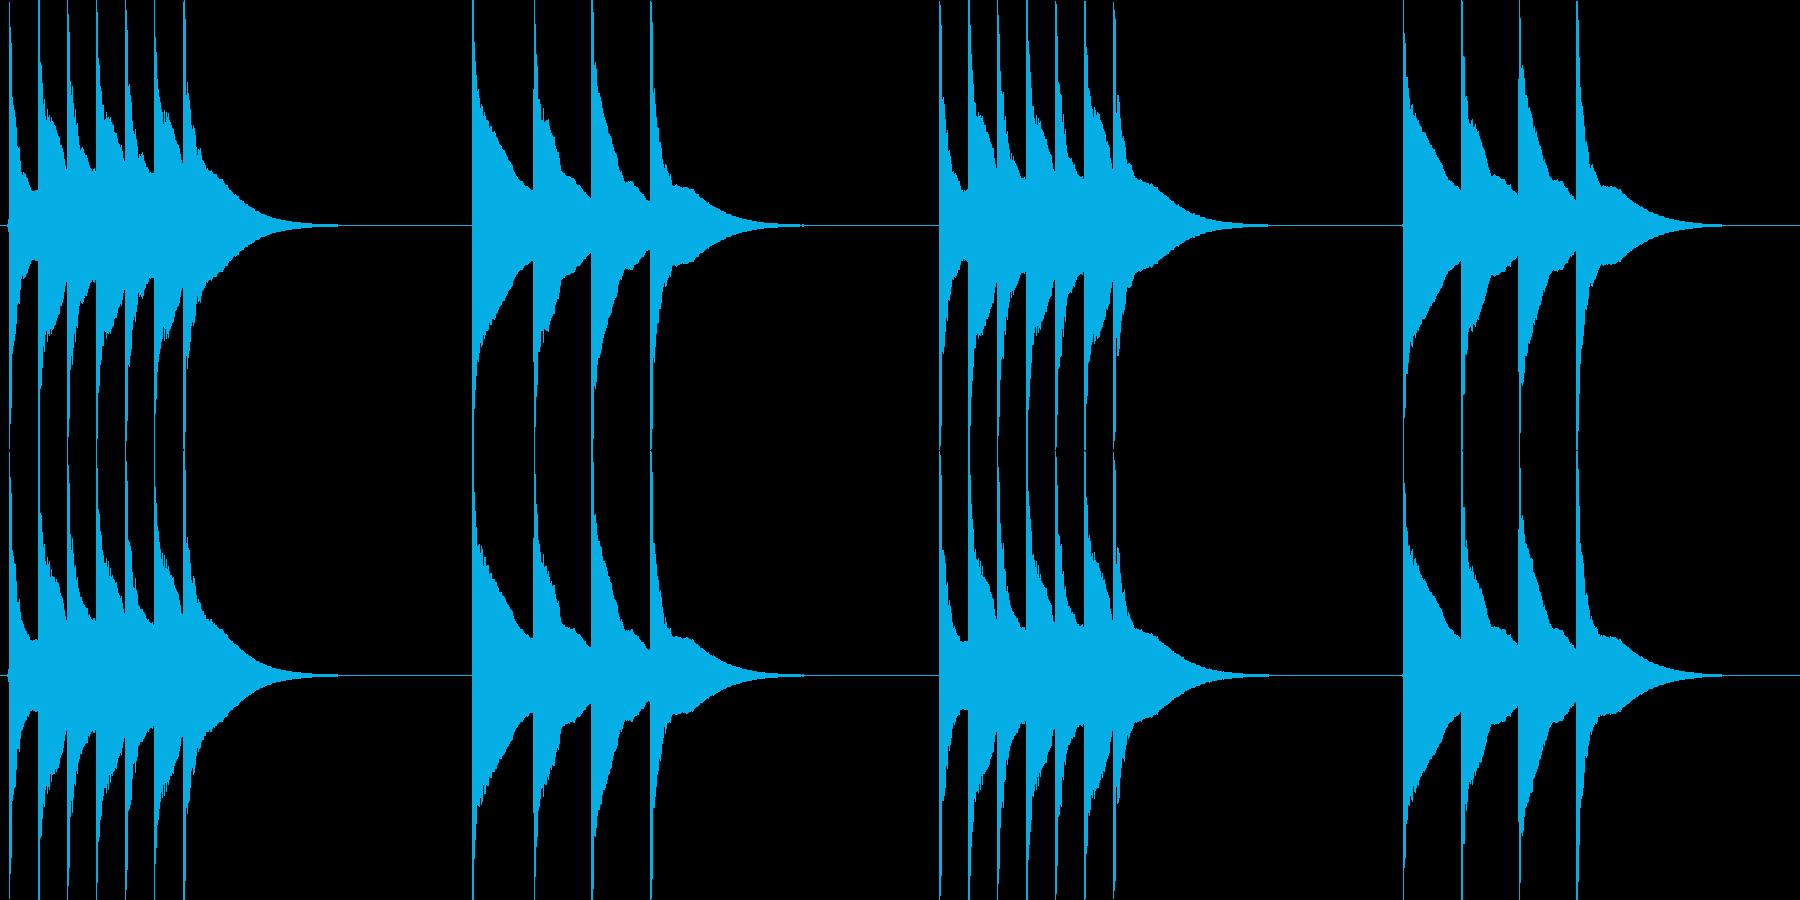 木琴のトリルを使ったシンプルな着信音の再生済みの波形